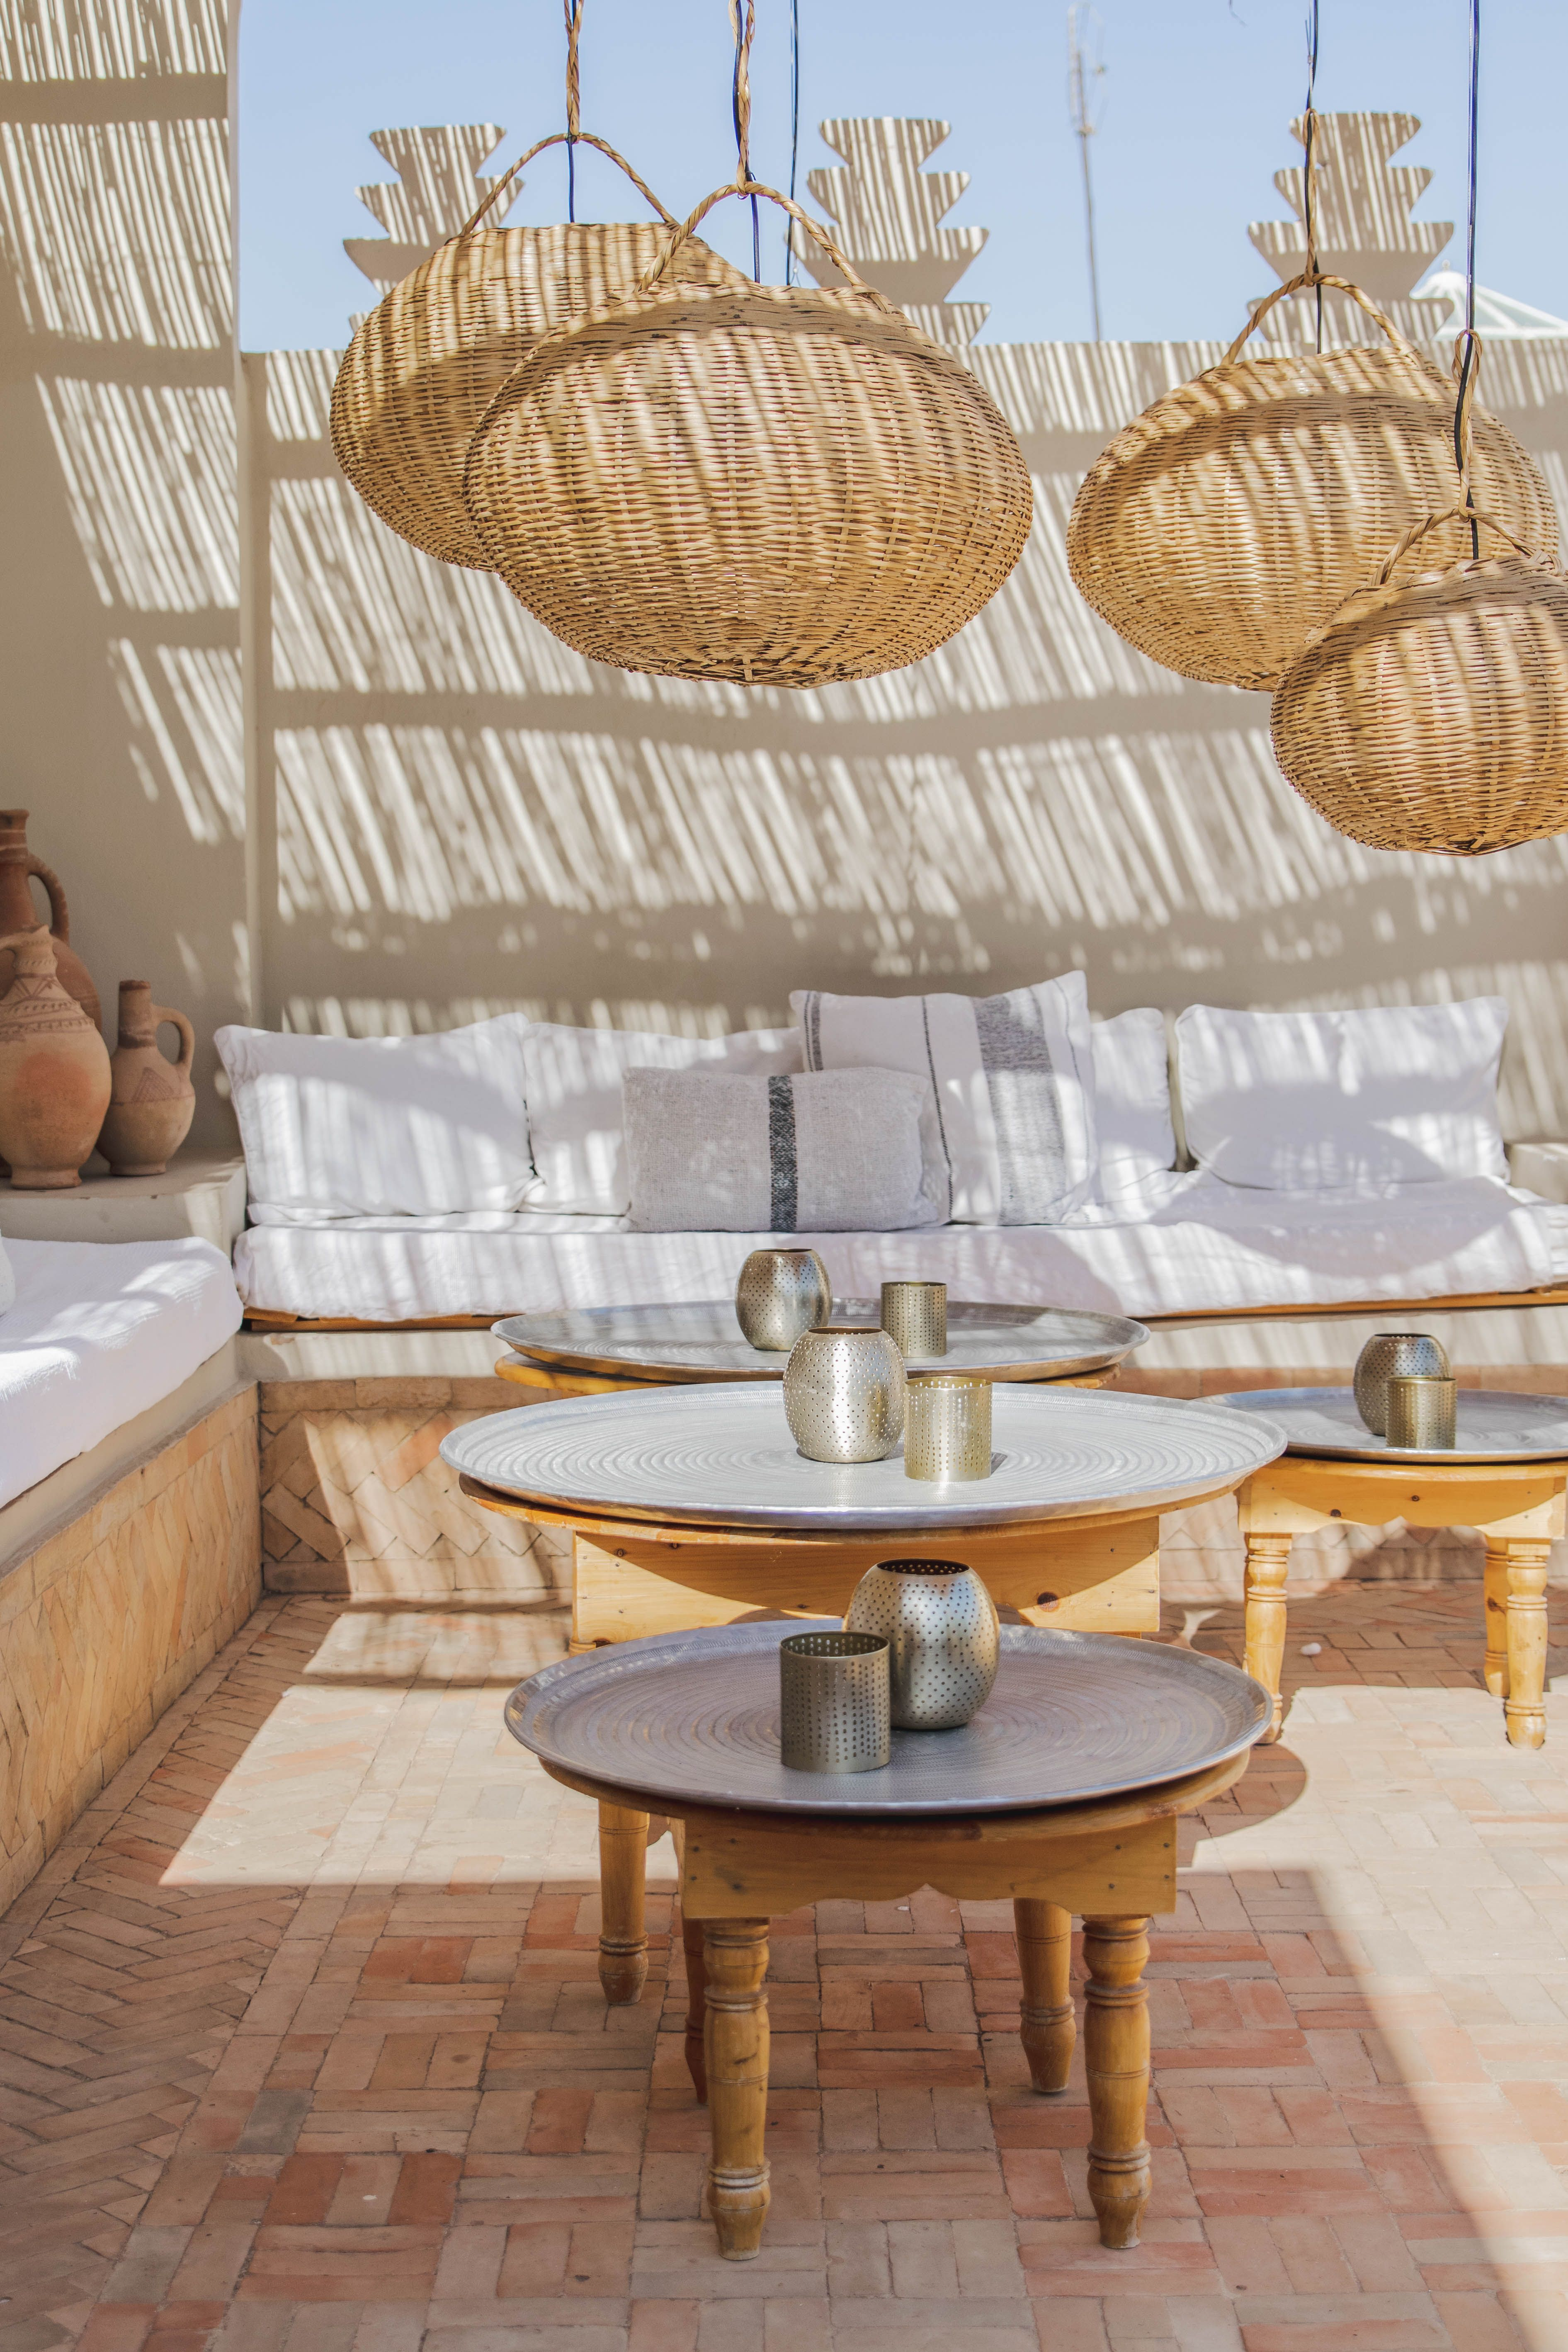 Most Beautiful Riads In Marrakech In 2020 Moroccan Home Decor Morocco Decor Moroccan Interiors